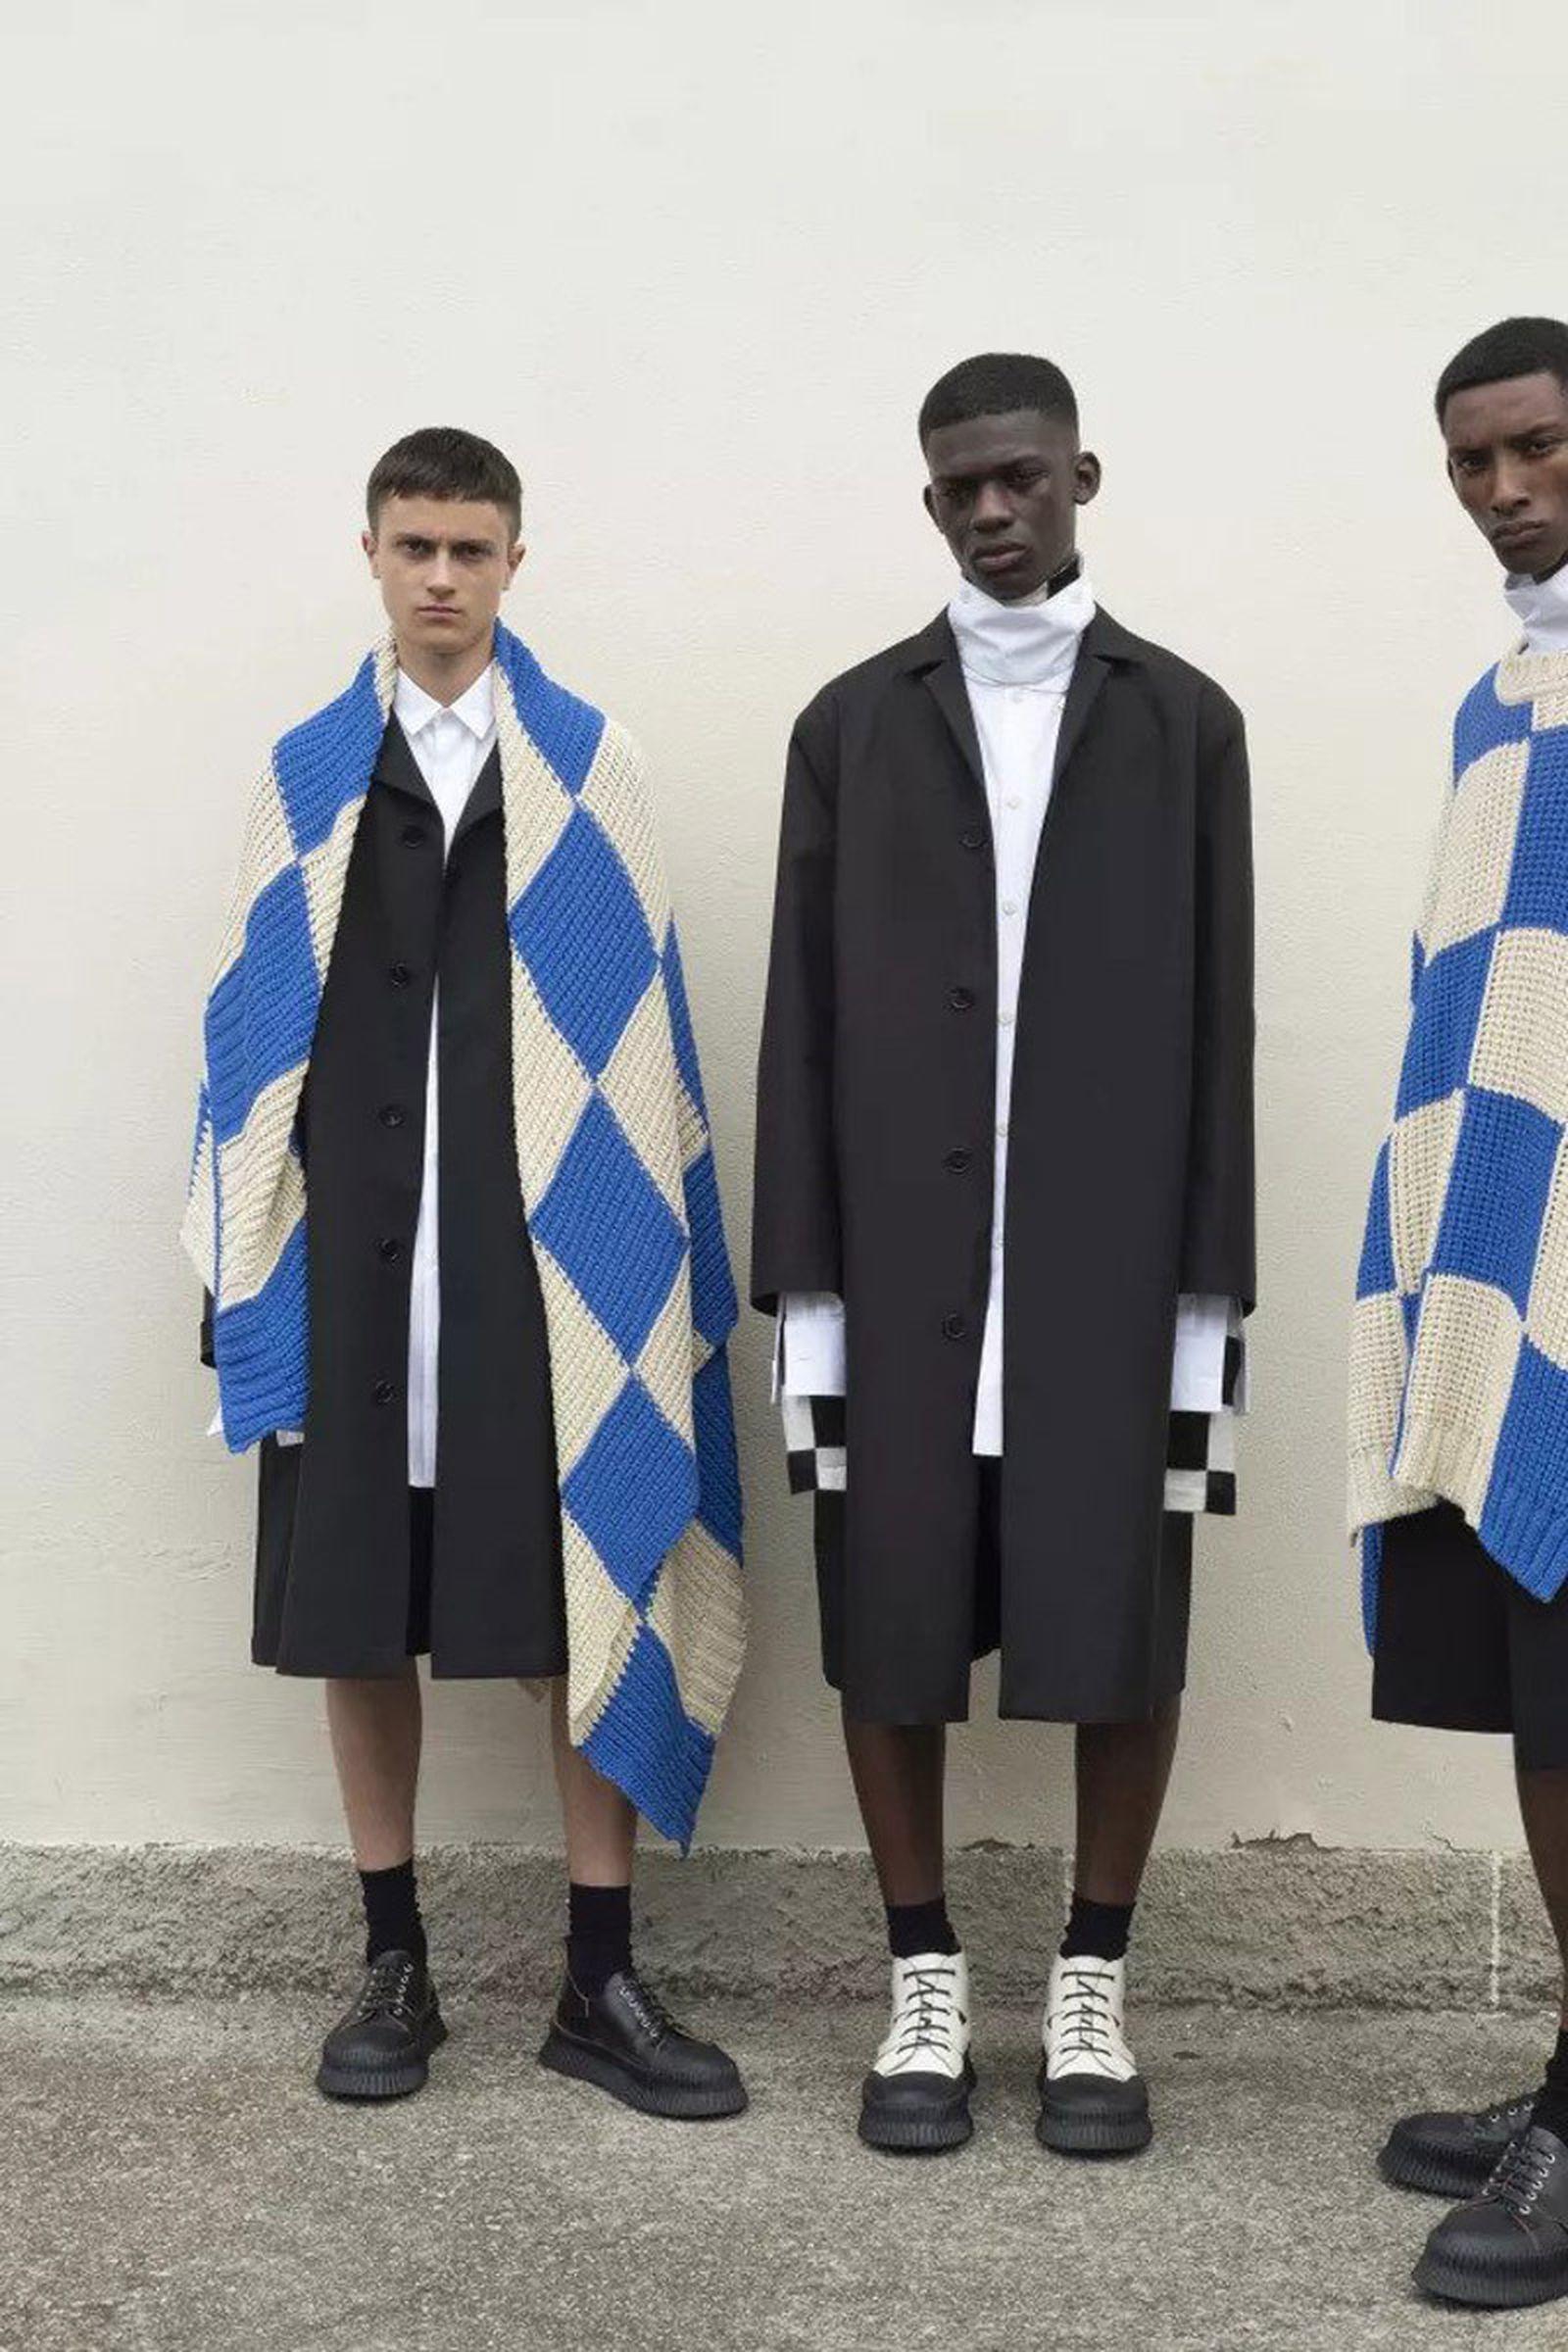 german clothing brands jil sander german clothing brands jil sander3 023c Adidas Boulezar